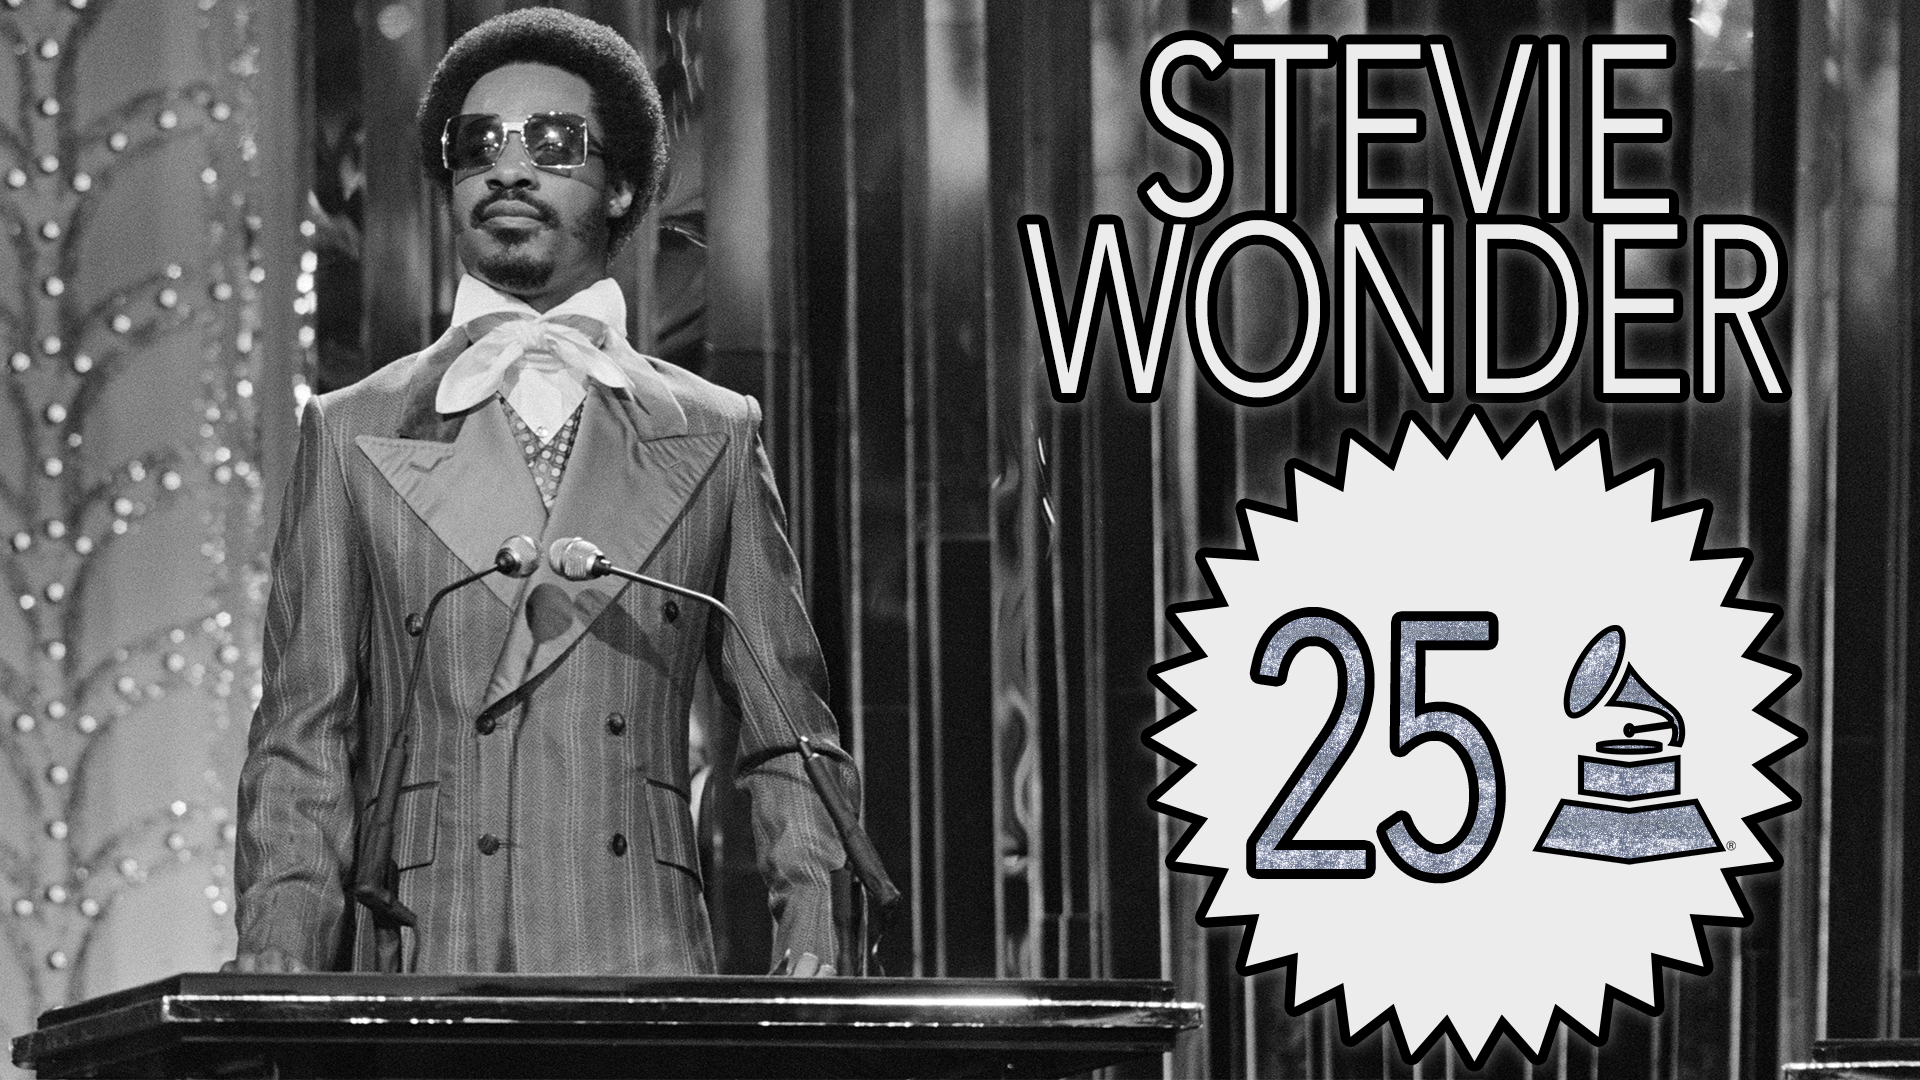 Stevie Wonder with 25 GRAMMY Awards